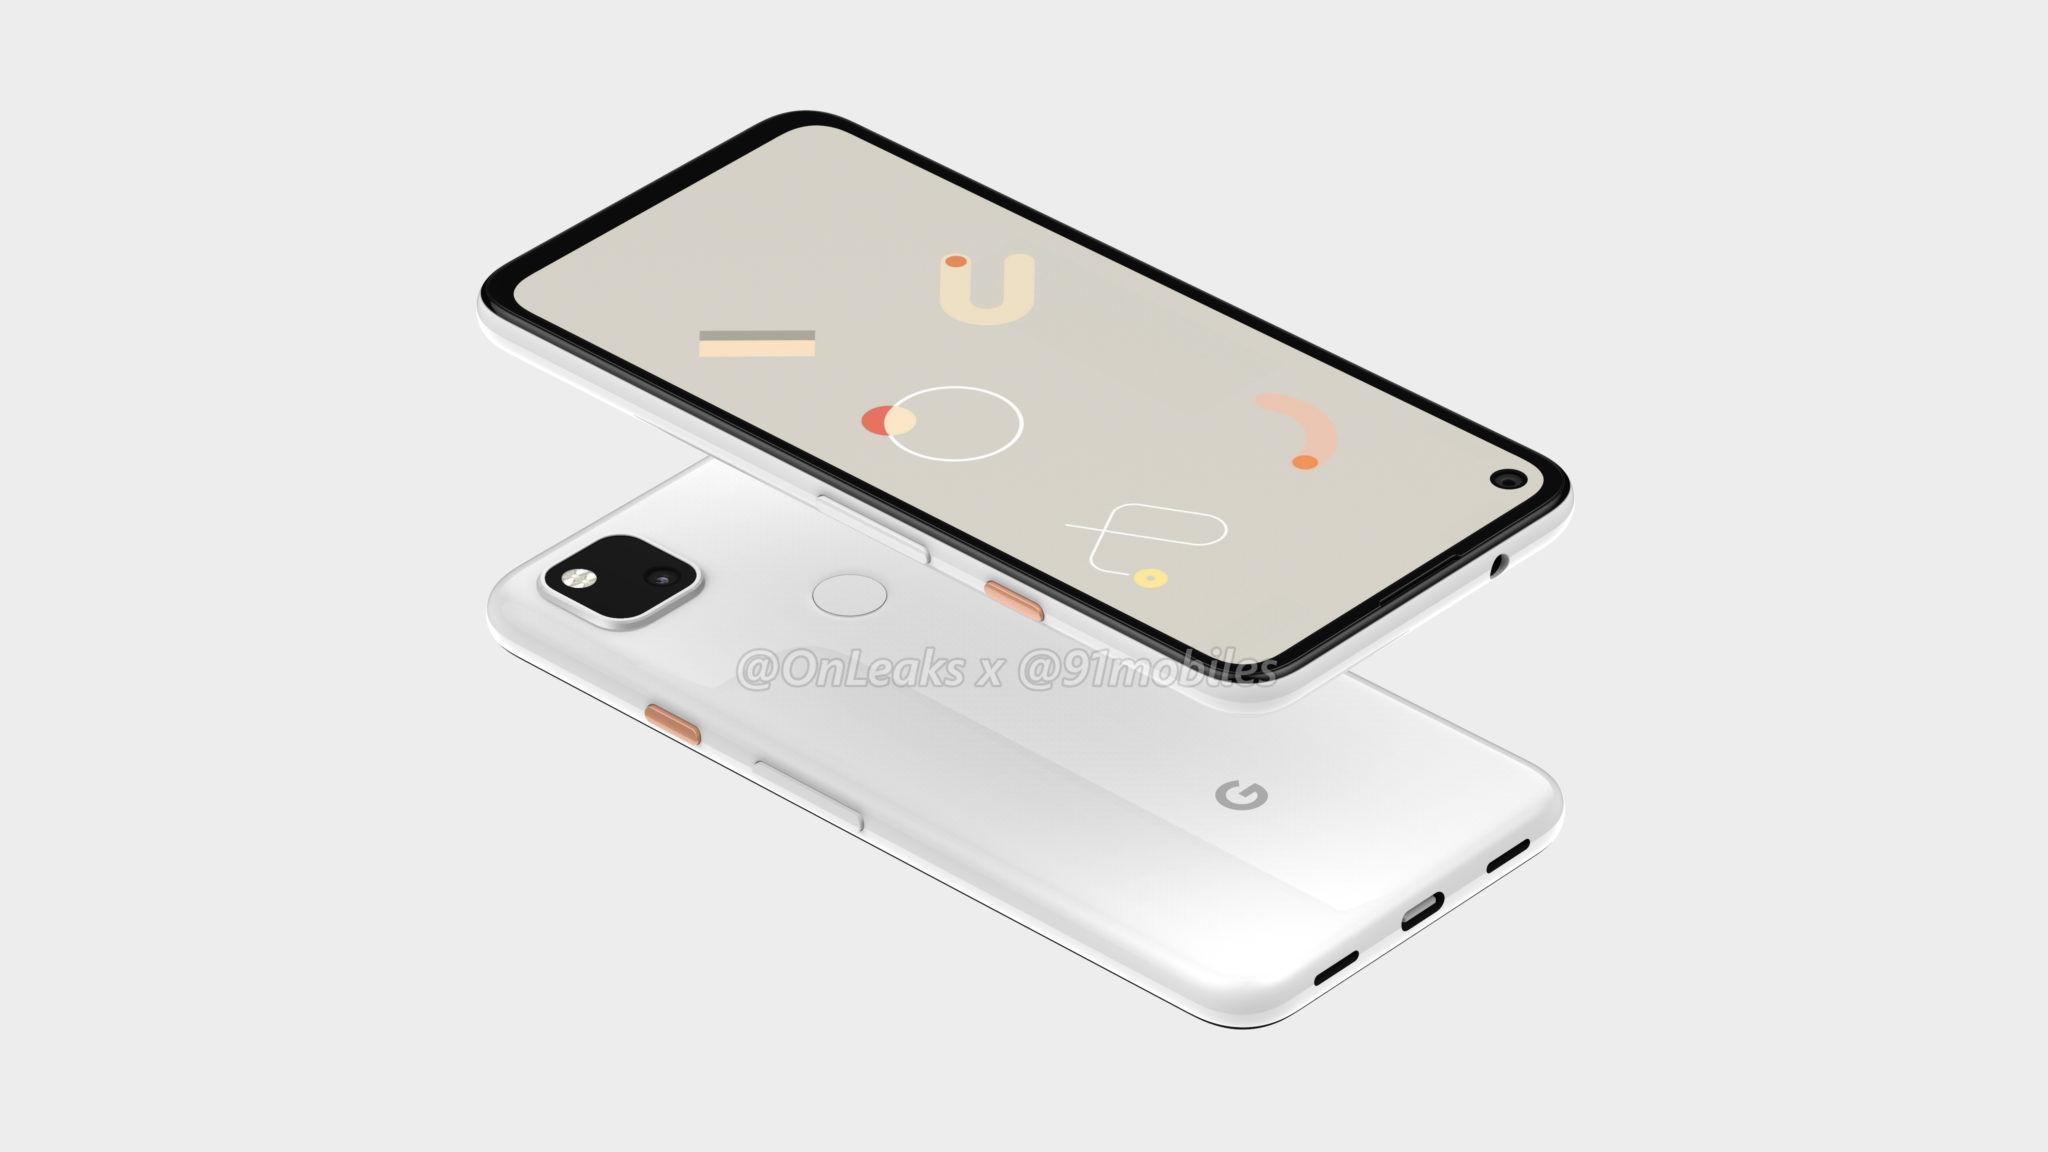 Pixel 5 Sustraietara itzuliko al da?  Askoz merkeagoa izango da, Nexus telefonoak bezala